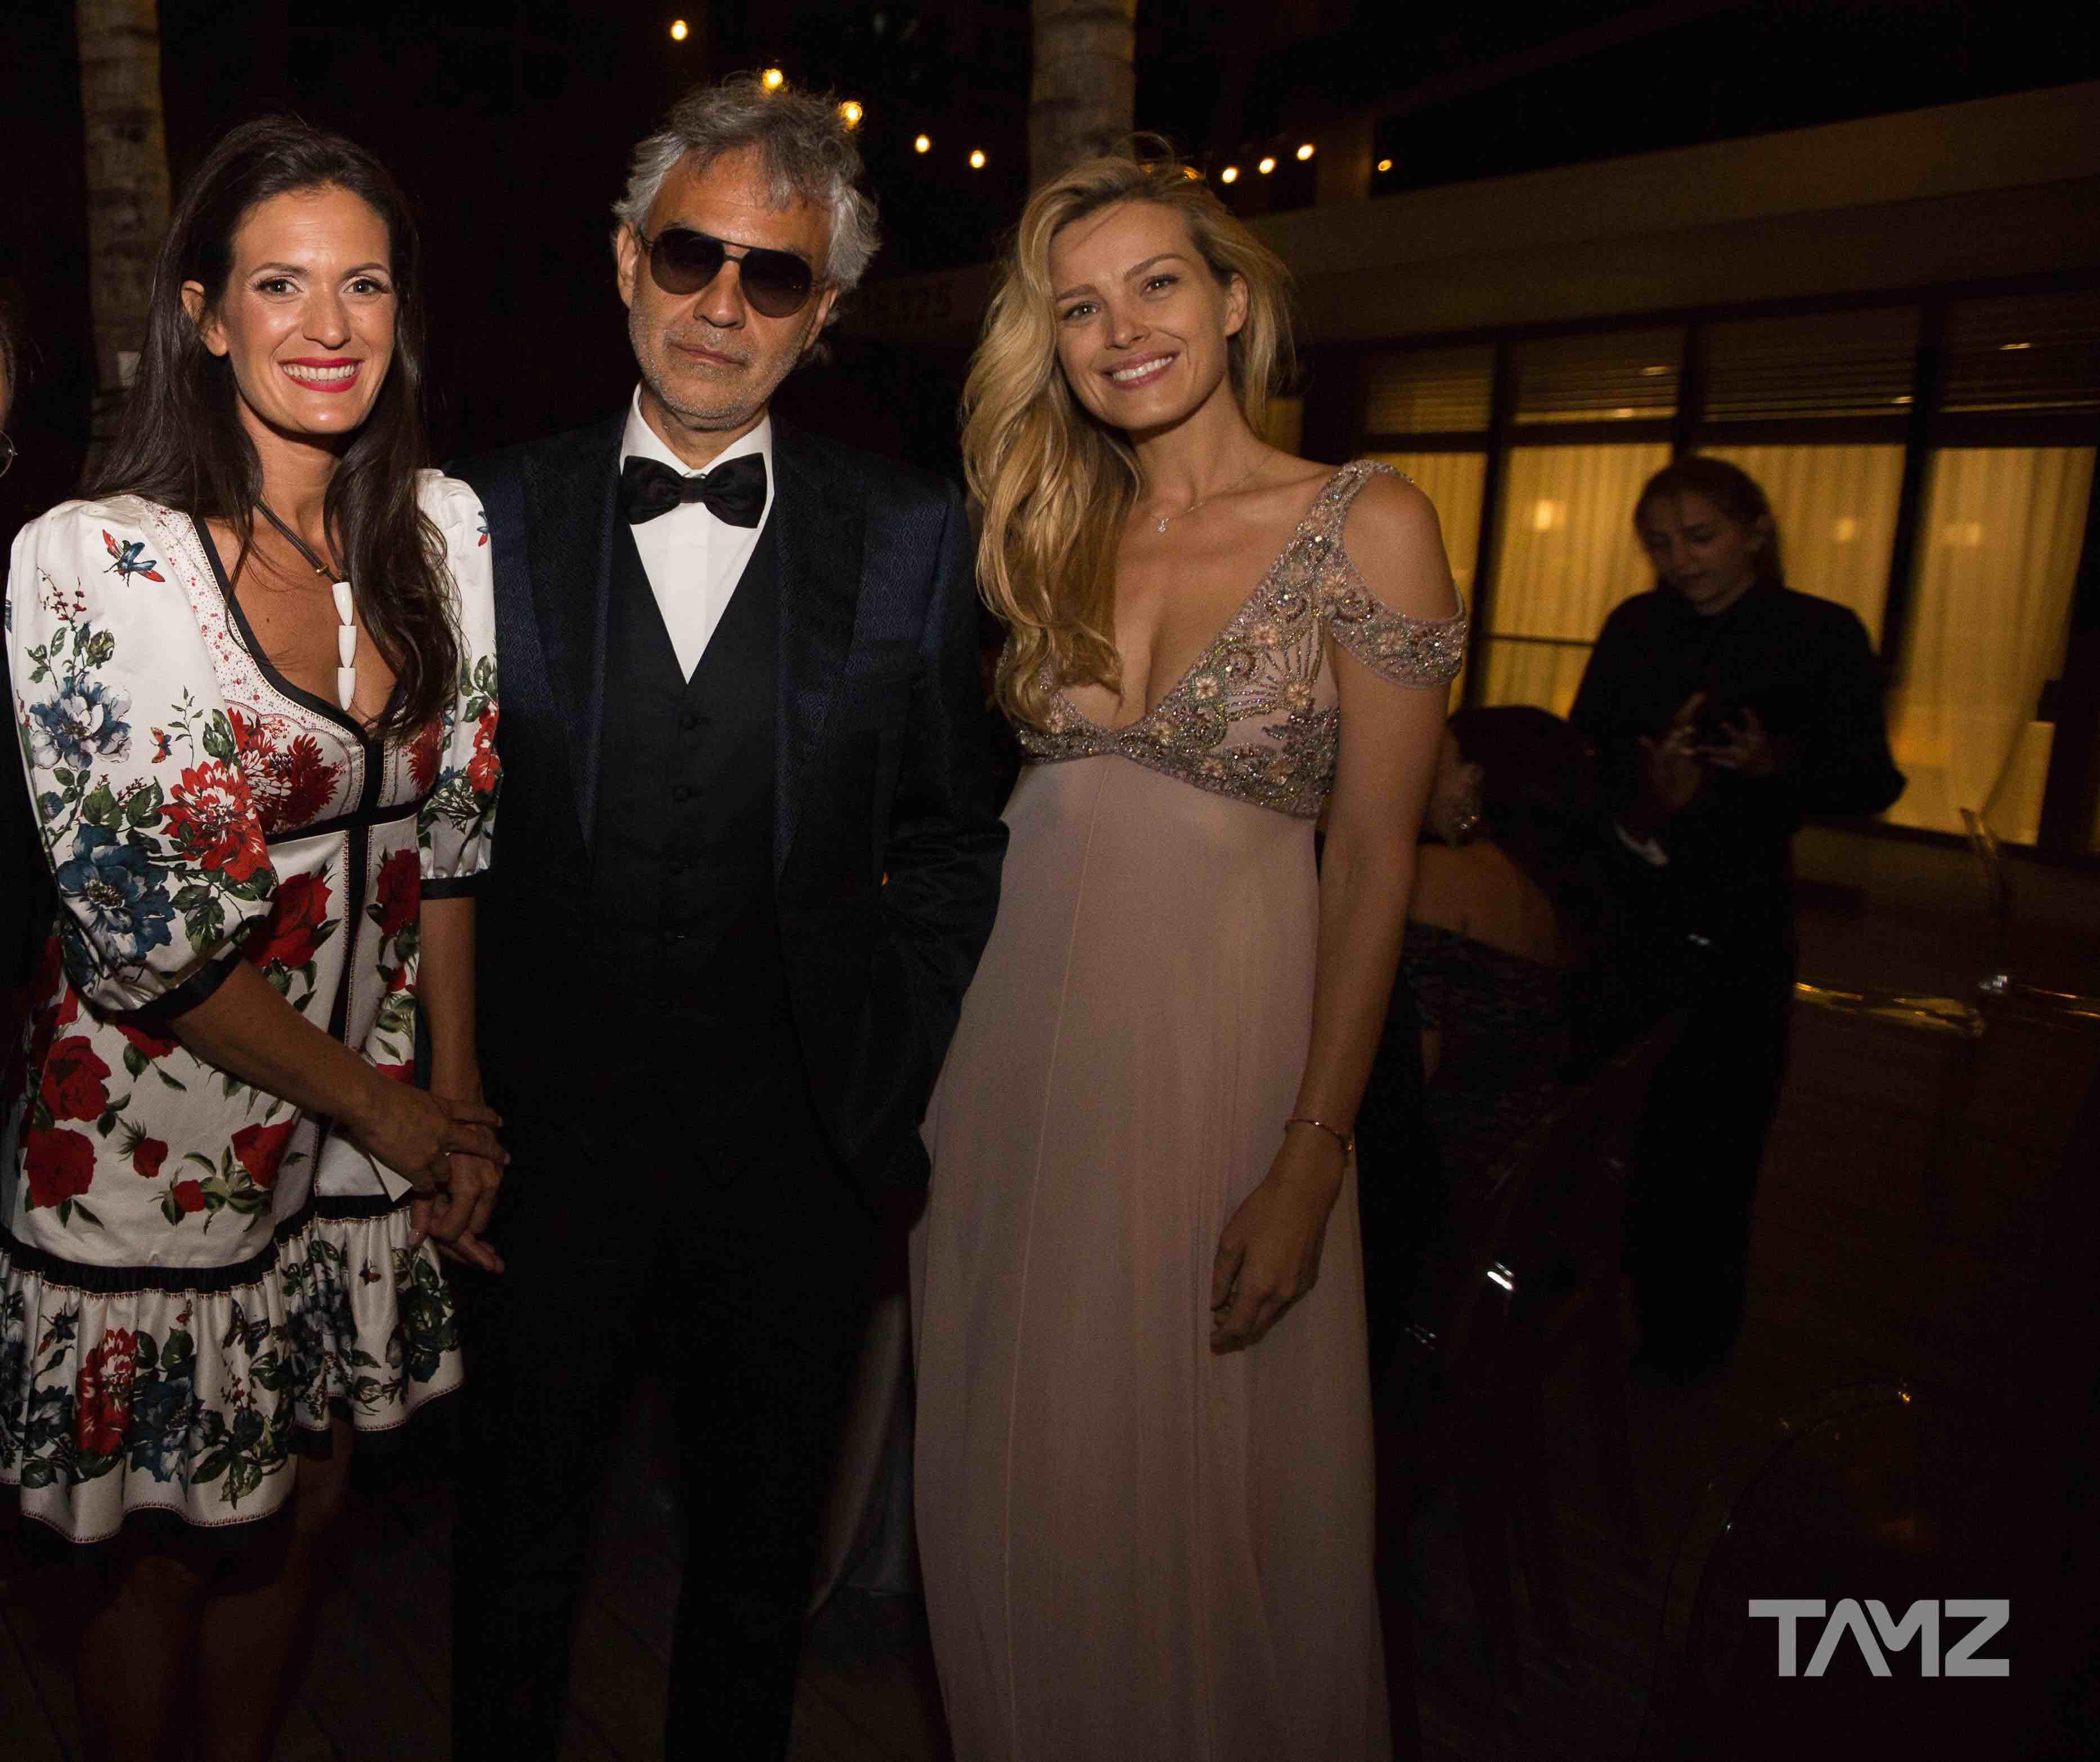 Veronica Berti, Andrea Bocelli, and Petra Nemcova